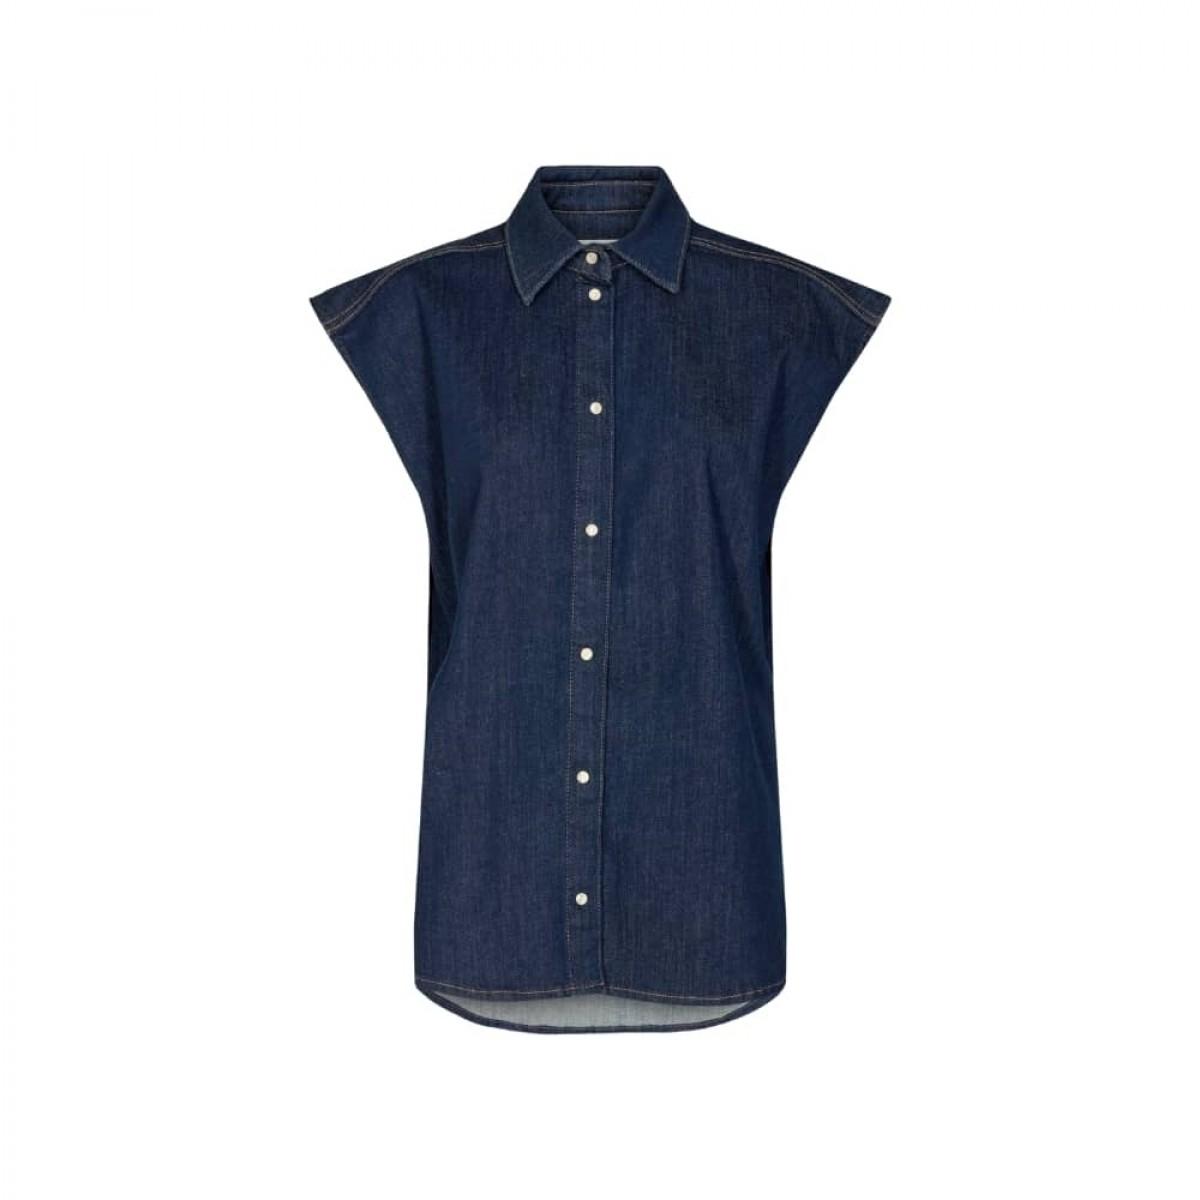 bowie oversize sl. less shirt - denim blue - front